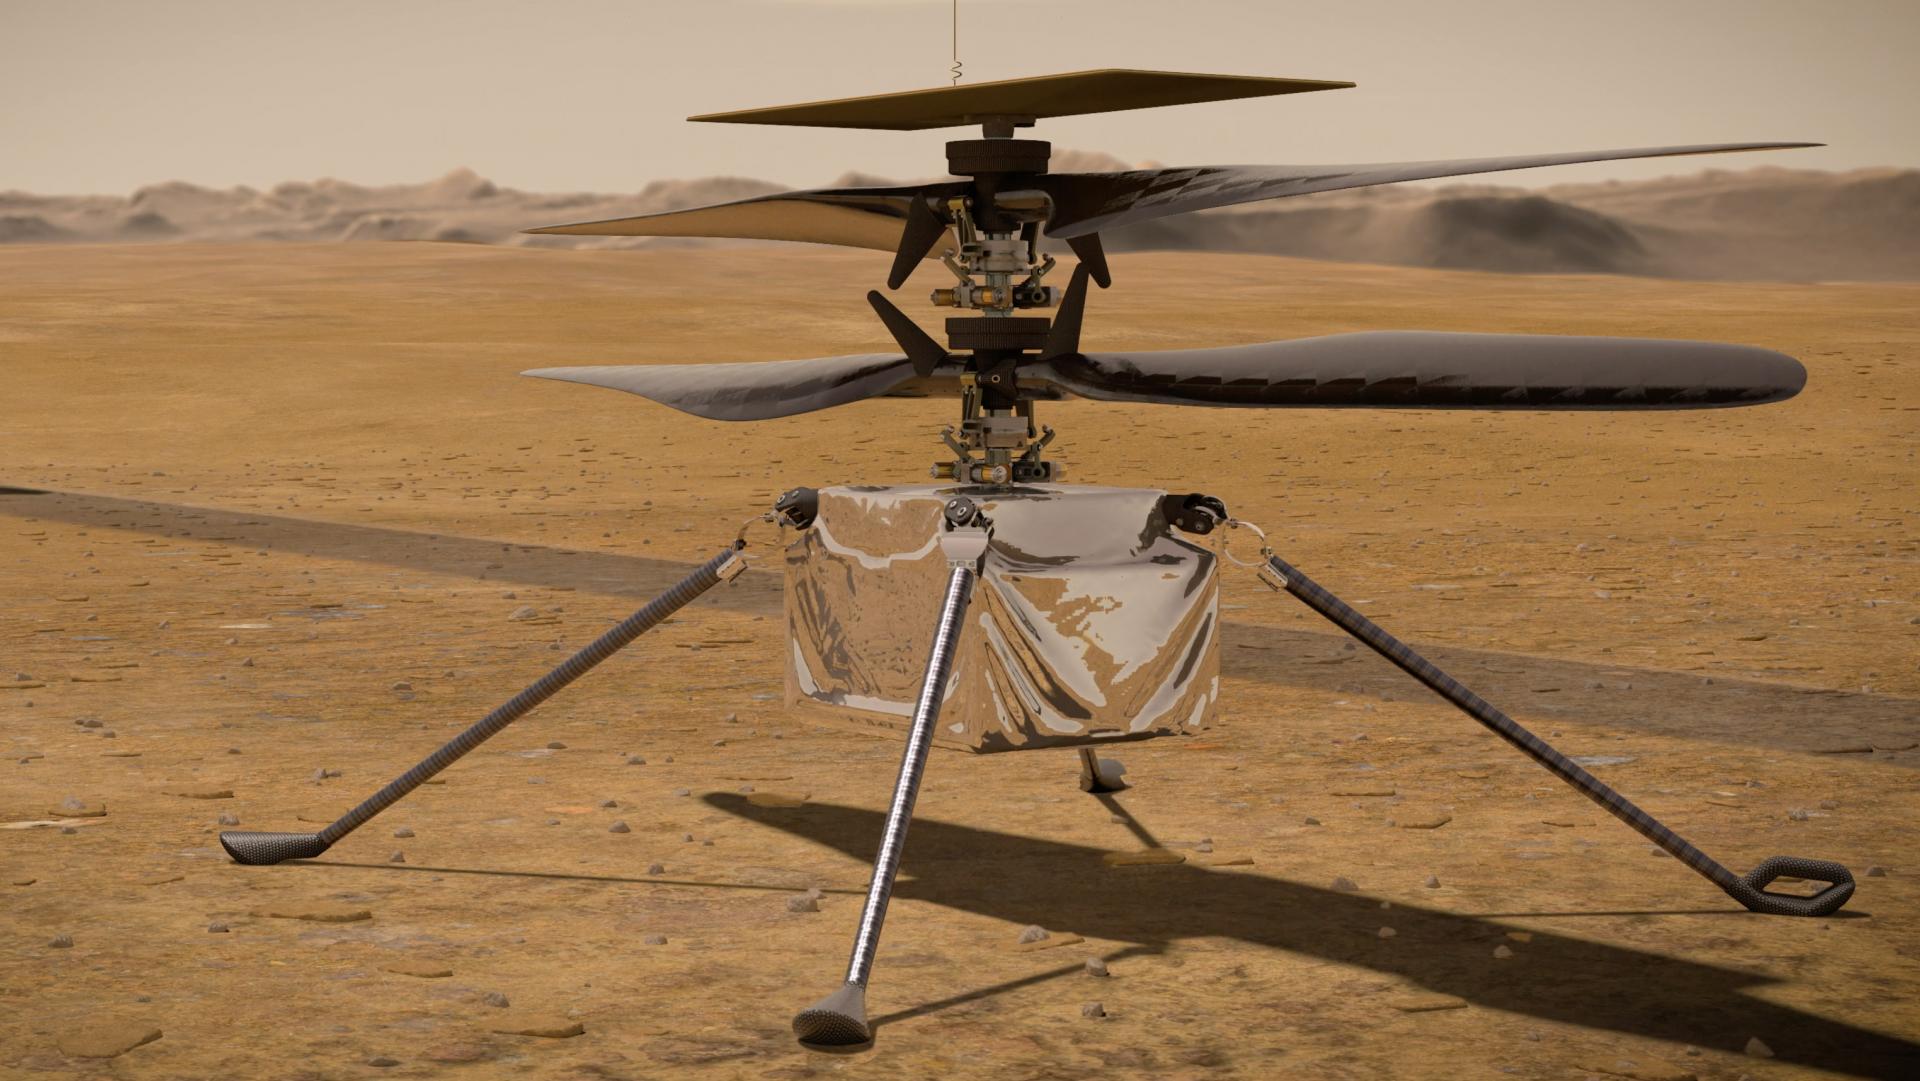 Helicóptero da nasa em marte completa primeiro voo. Ingenuity completa seu primeiro voo no planeta vermelho; testes com o helicóptero da nasa em marte afirmam a viabilidade de voos na atmosfera rarefeita